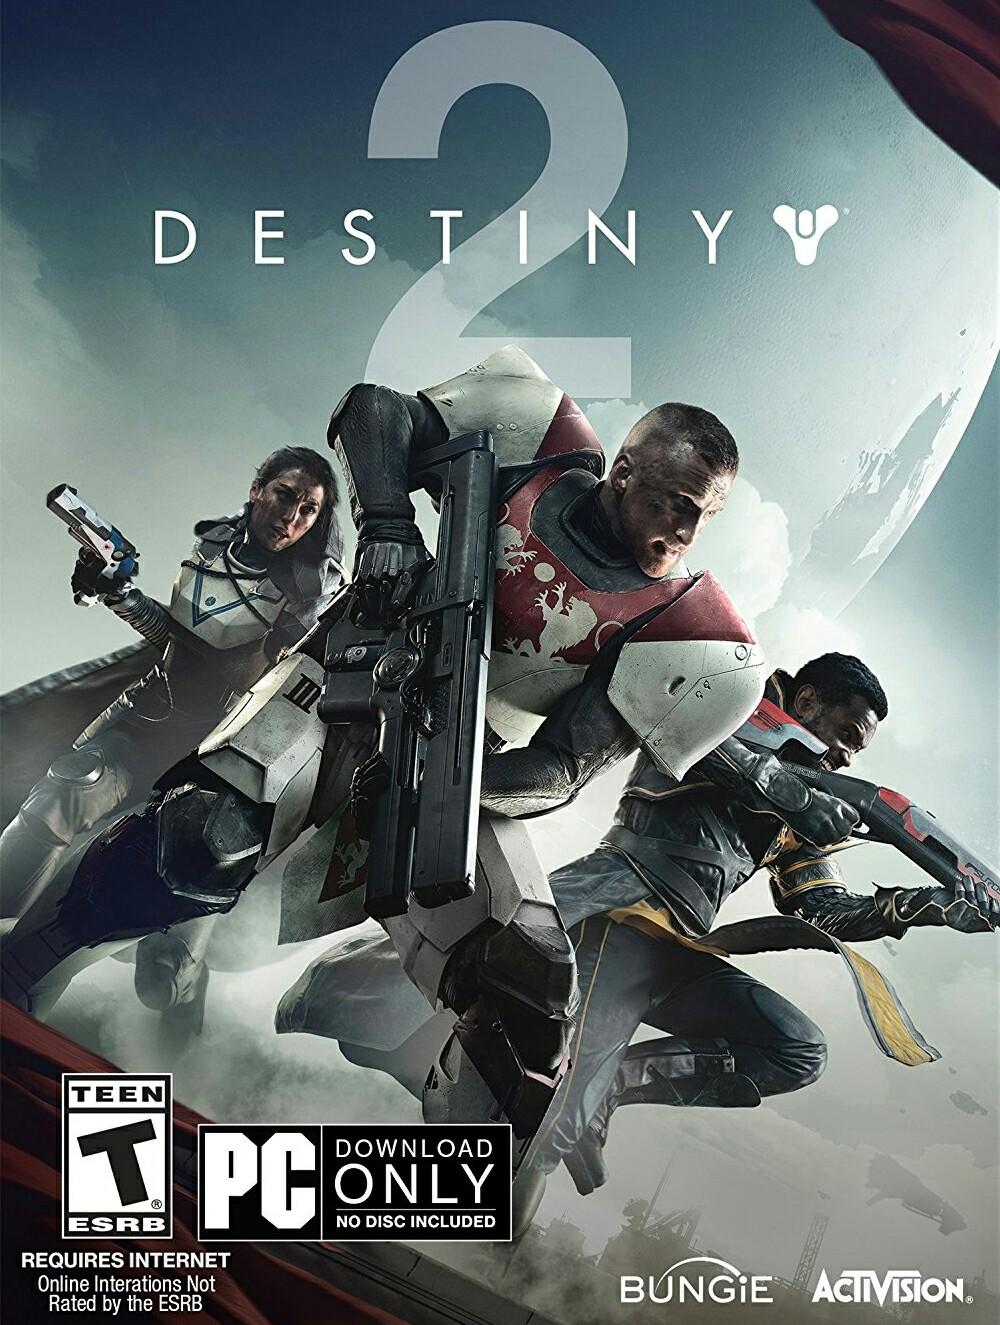 لعبة AAA ، لعبة Destiny 2 للنسخ الاحتياطي ، شراء قرص لعبة Destiny 2 ، تنزيل أحدث تحديث لـ Destiny 2 ، تنزيل آخر تحديث لـ destiny 2 ، تنزيل لعبة Destiny 2 ، تنزيل لعبة Destiny 2 ، تنزيل لعبة Destiny 2 backstream ، تنزيل البيانات  لعبة Destiny 2 ، تنزيل مجاني لعبة Destiny 2 ، تنزيل مباشر للعبة Destiny 2 ، تنزيل نسخة مضغوطة من لعبة Destiny 2 ، تنزيل إصدار الكمبيوتر من لعبة Destiny 2 ، تنزيل نسخة صغيرة من Destiny 2